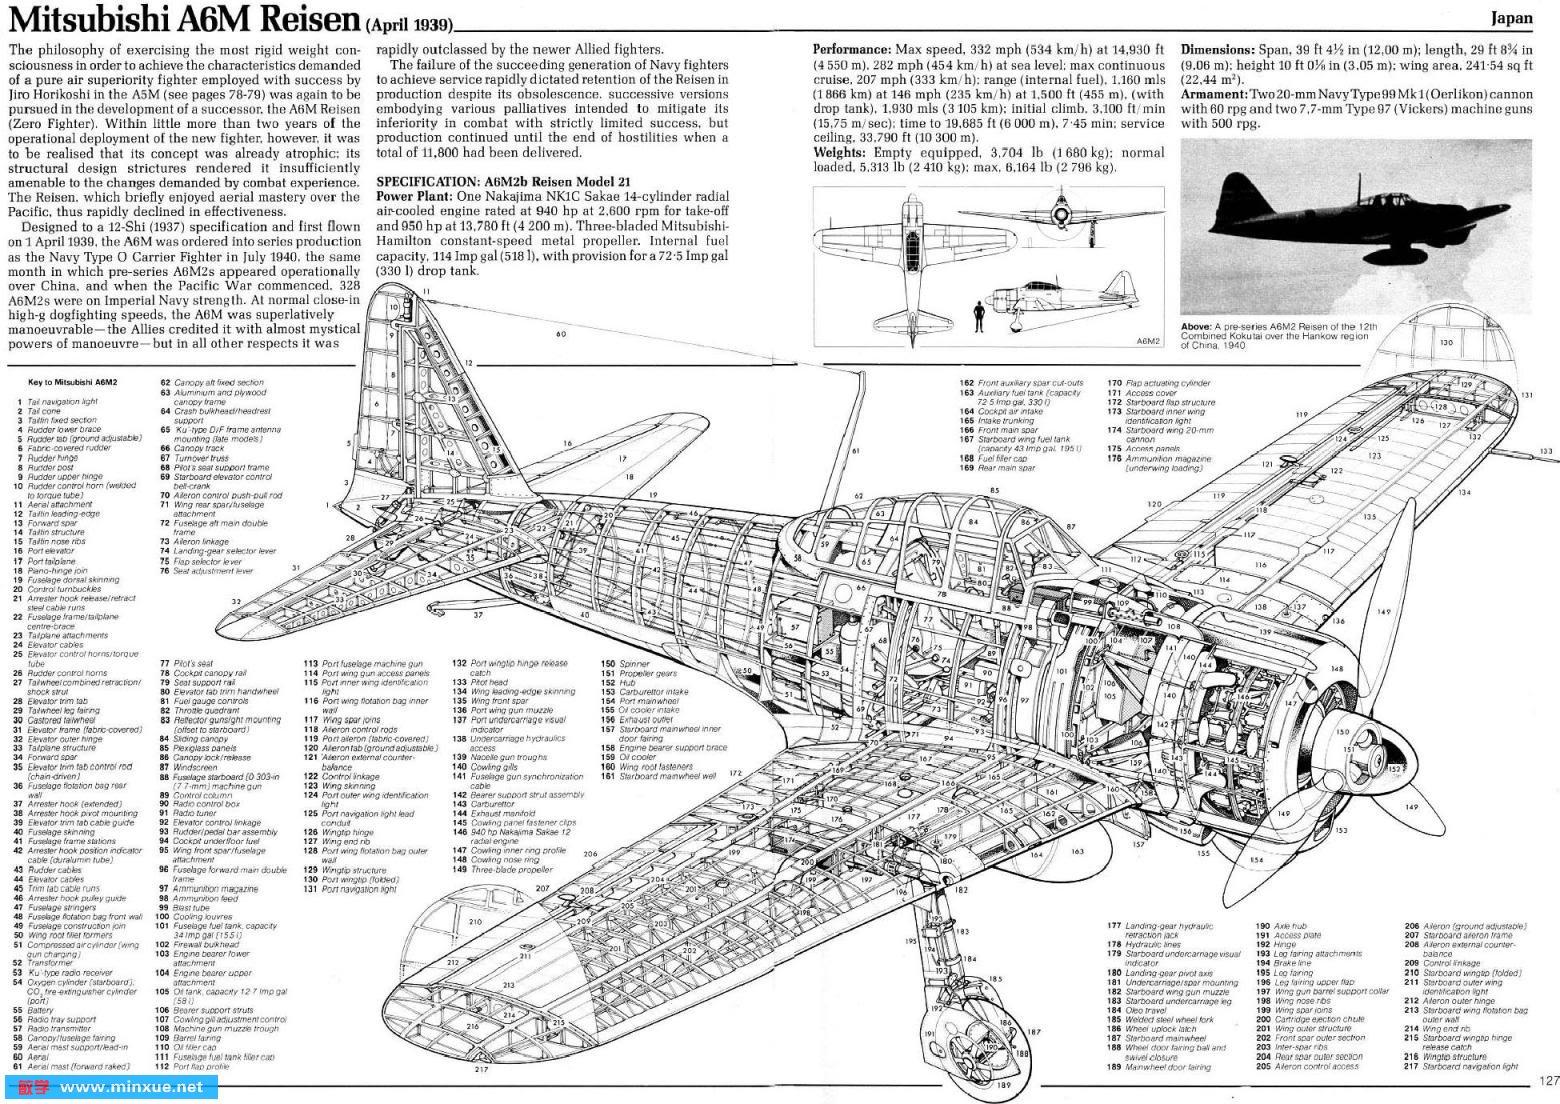 《战斗机图集——战斗机发展史上的100个杰作》(fighters - 100